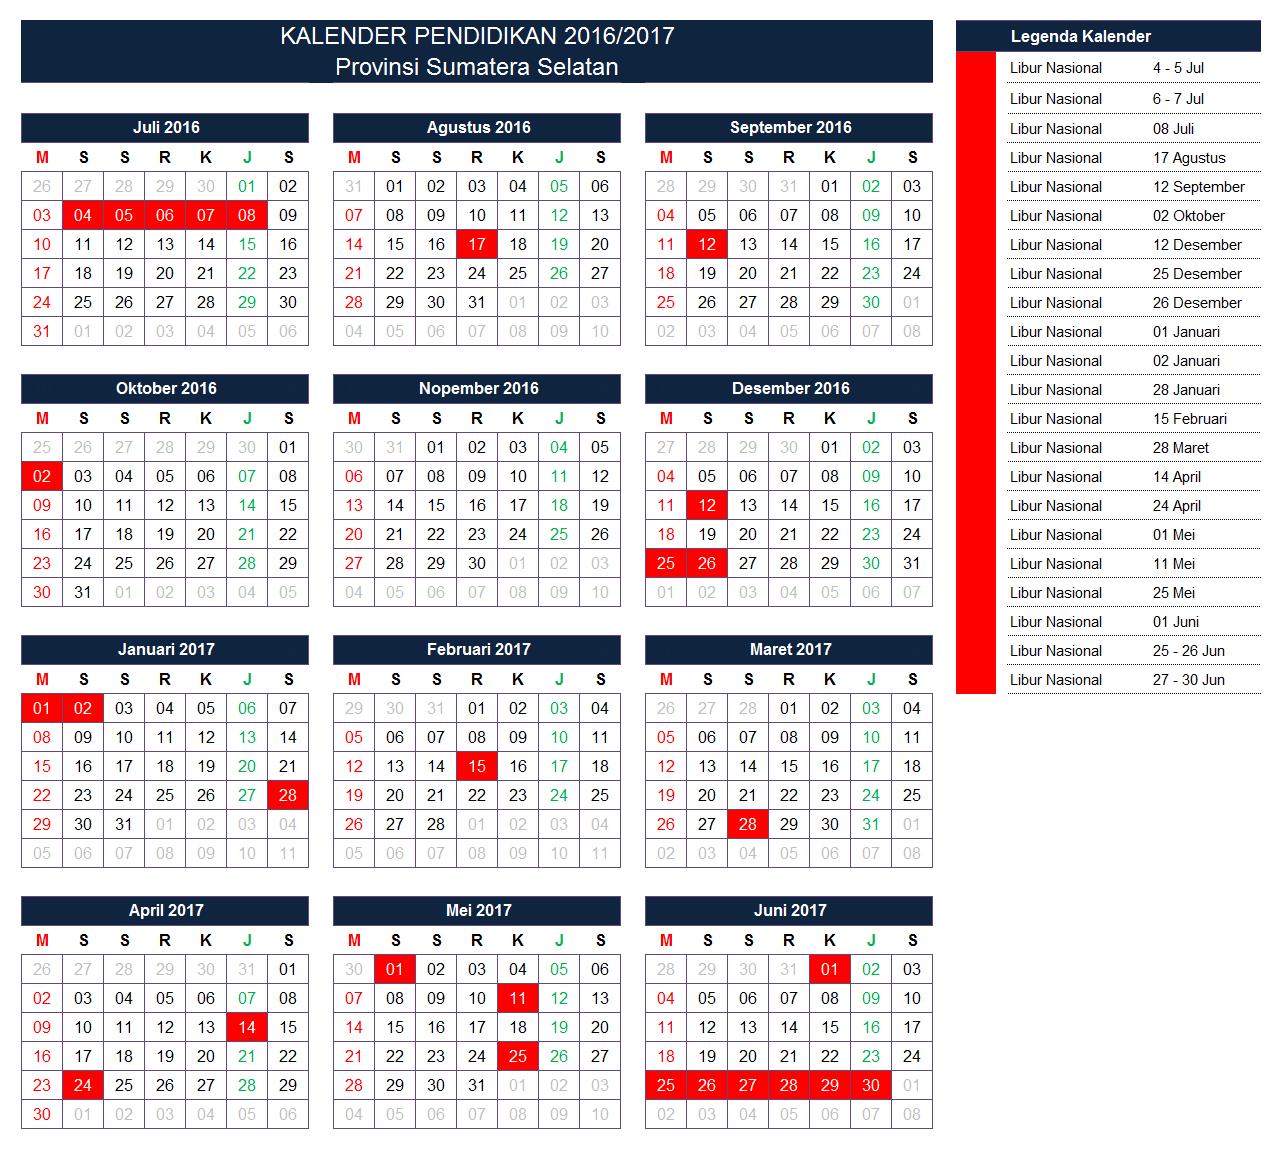 Kalender Pendidikan Provinsi Sumatera Selatan